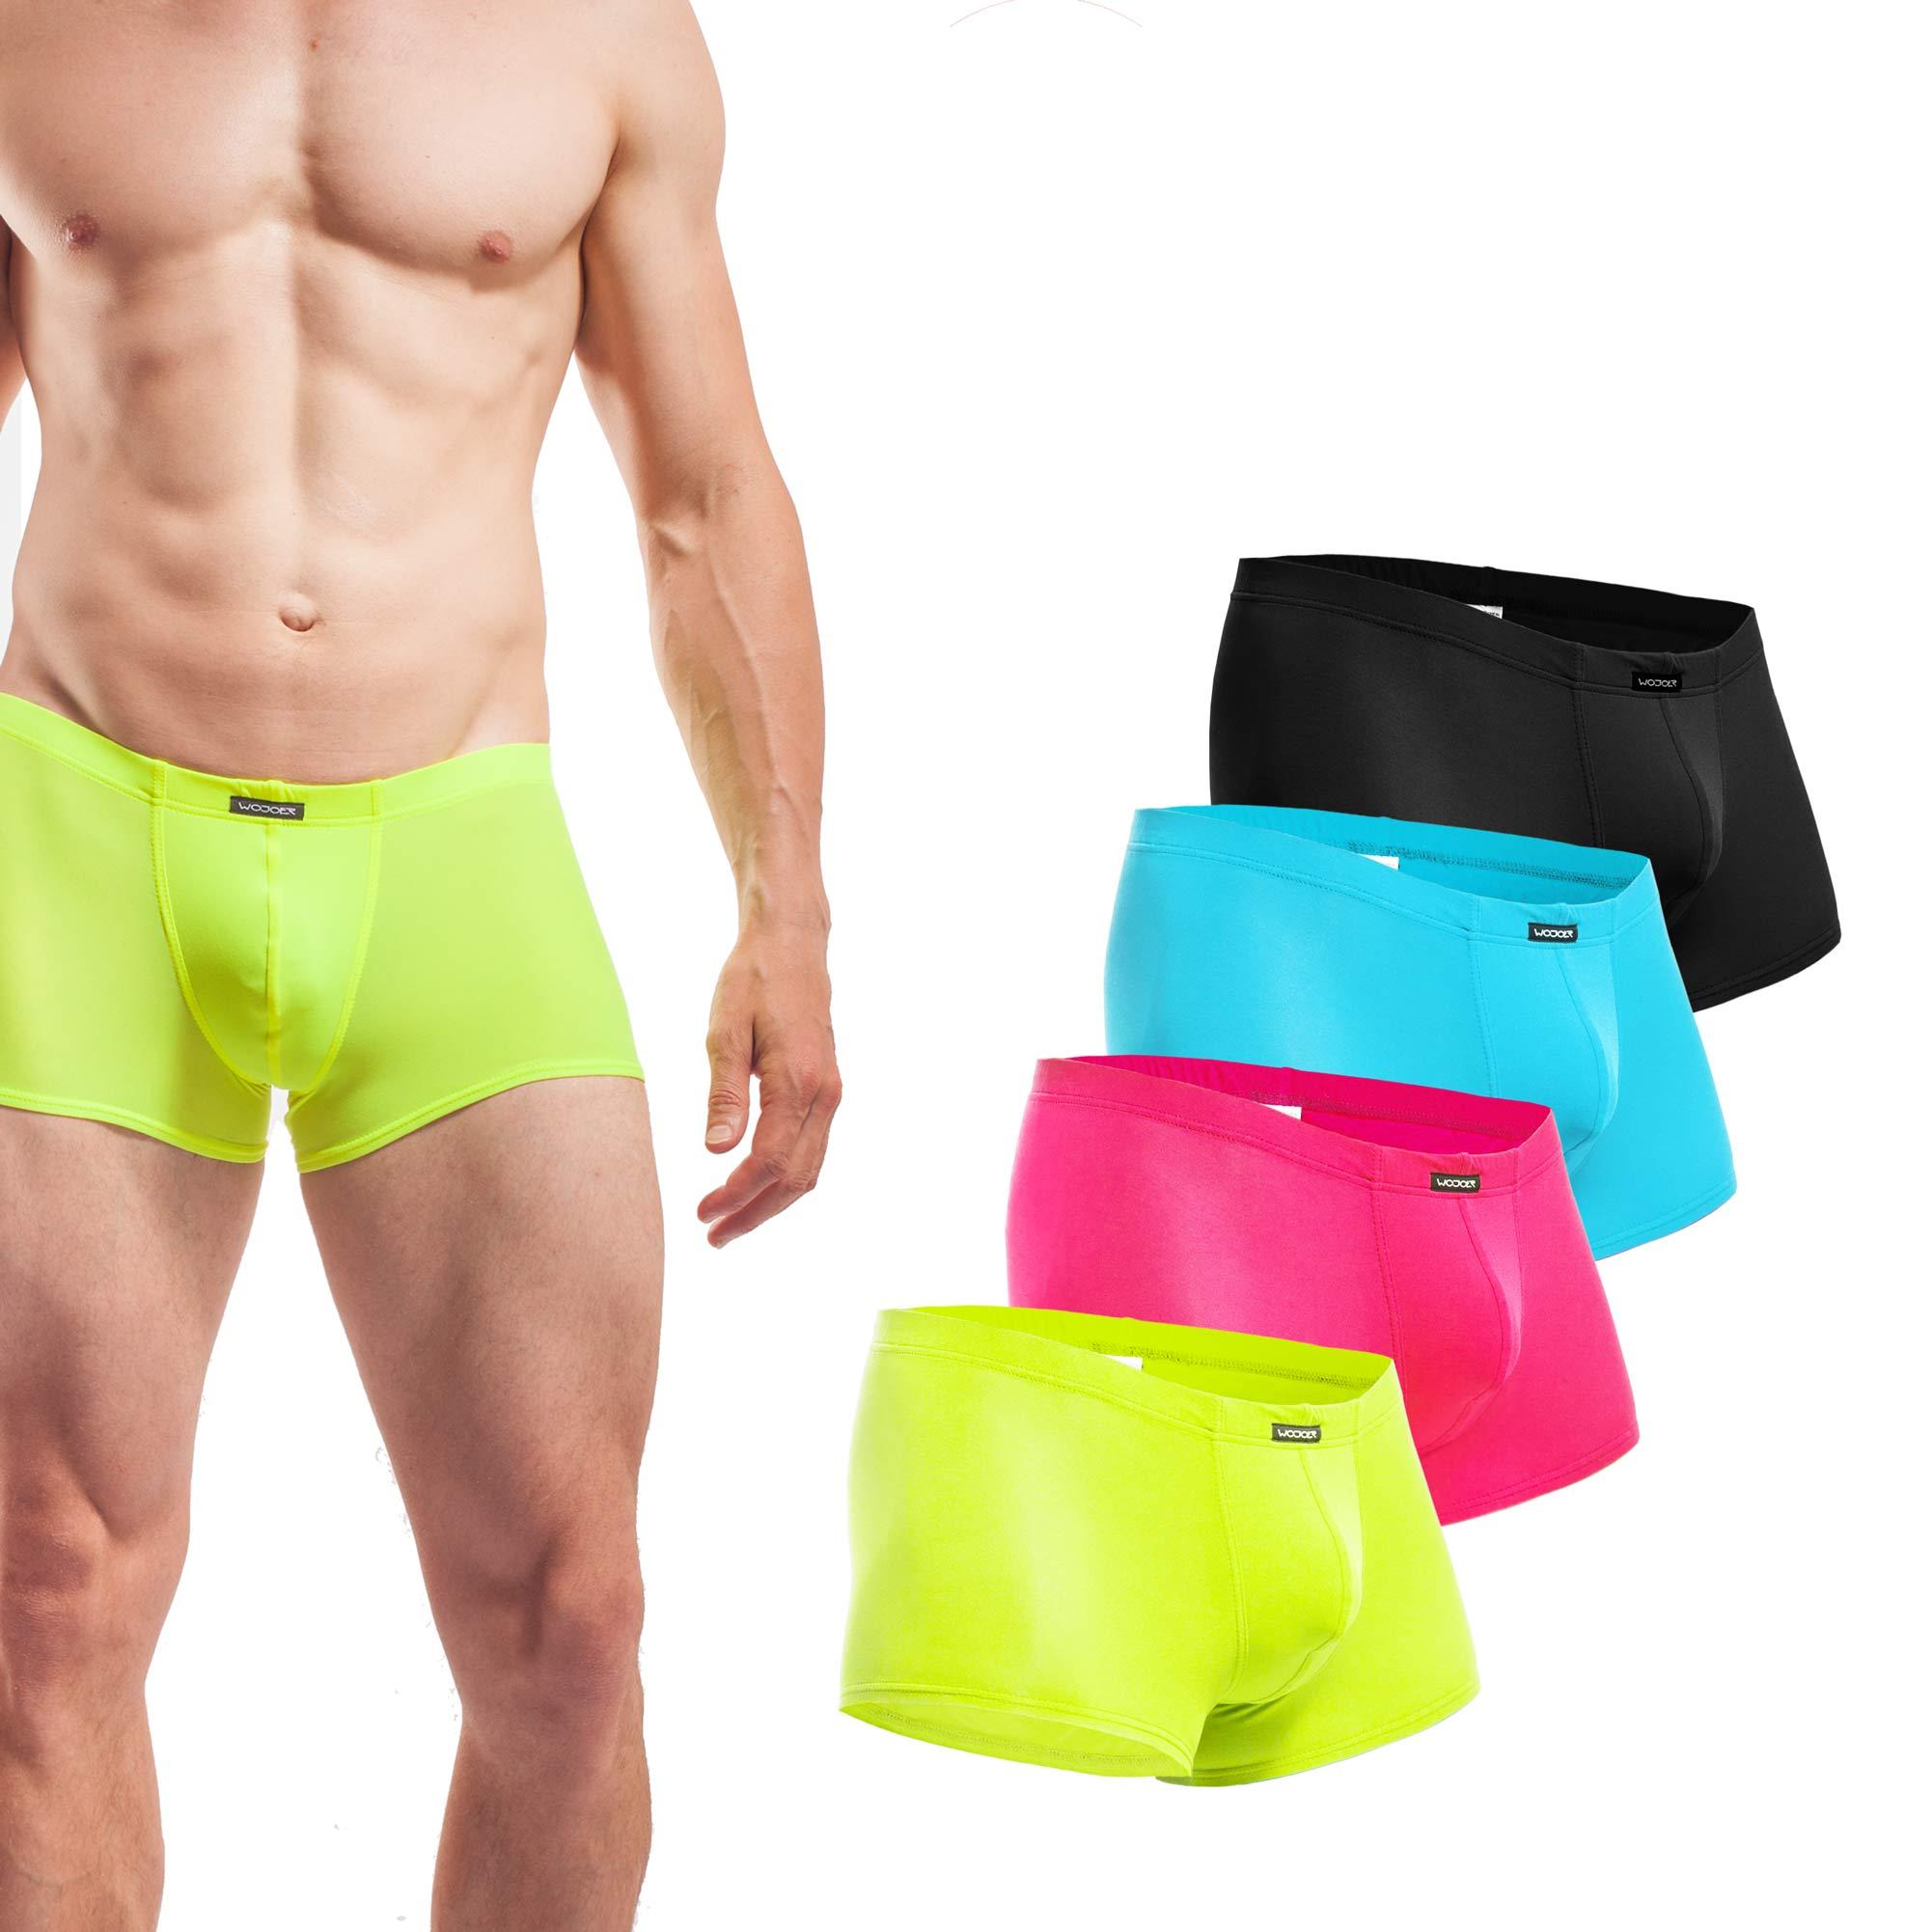 Beun, Basic, Pants, 4er Pack, neongelb, pink, eisblau, schwarz, Shorts, Herren, Unterwäsche